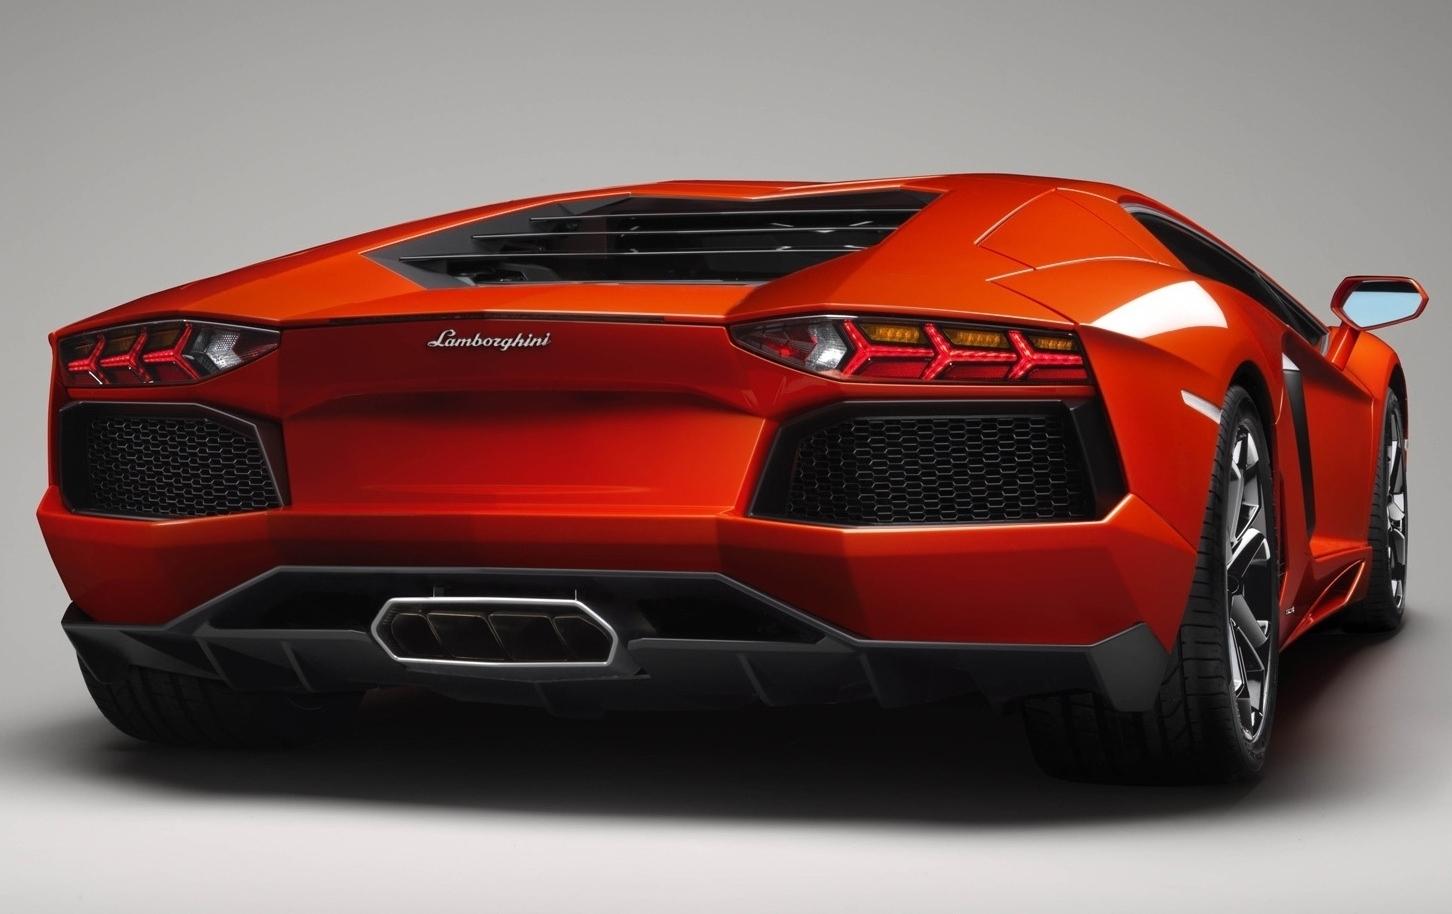 Ferrari F12 Berlinetta Vs Lamborghini Aventador Autotribute